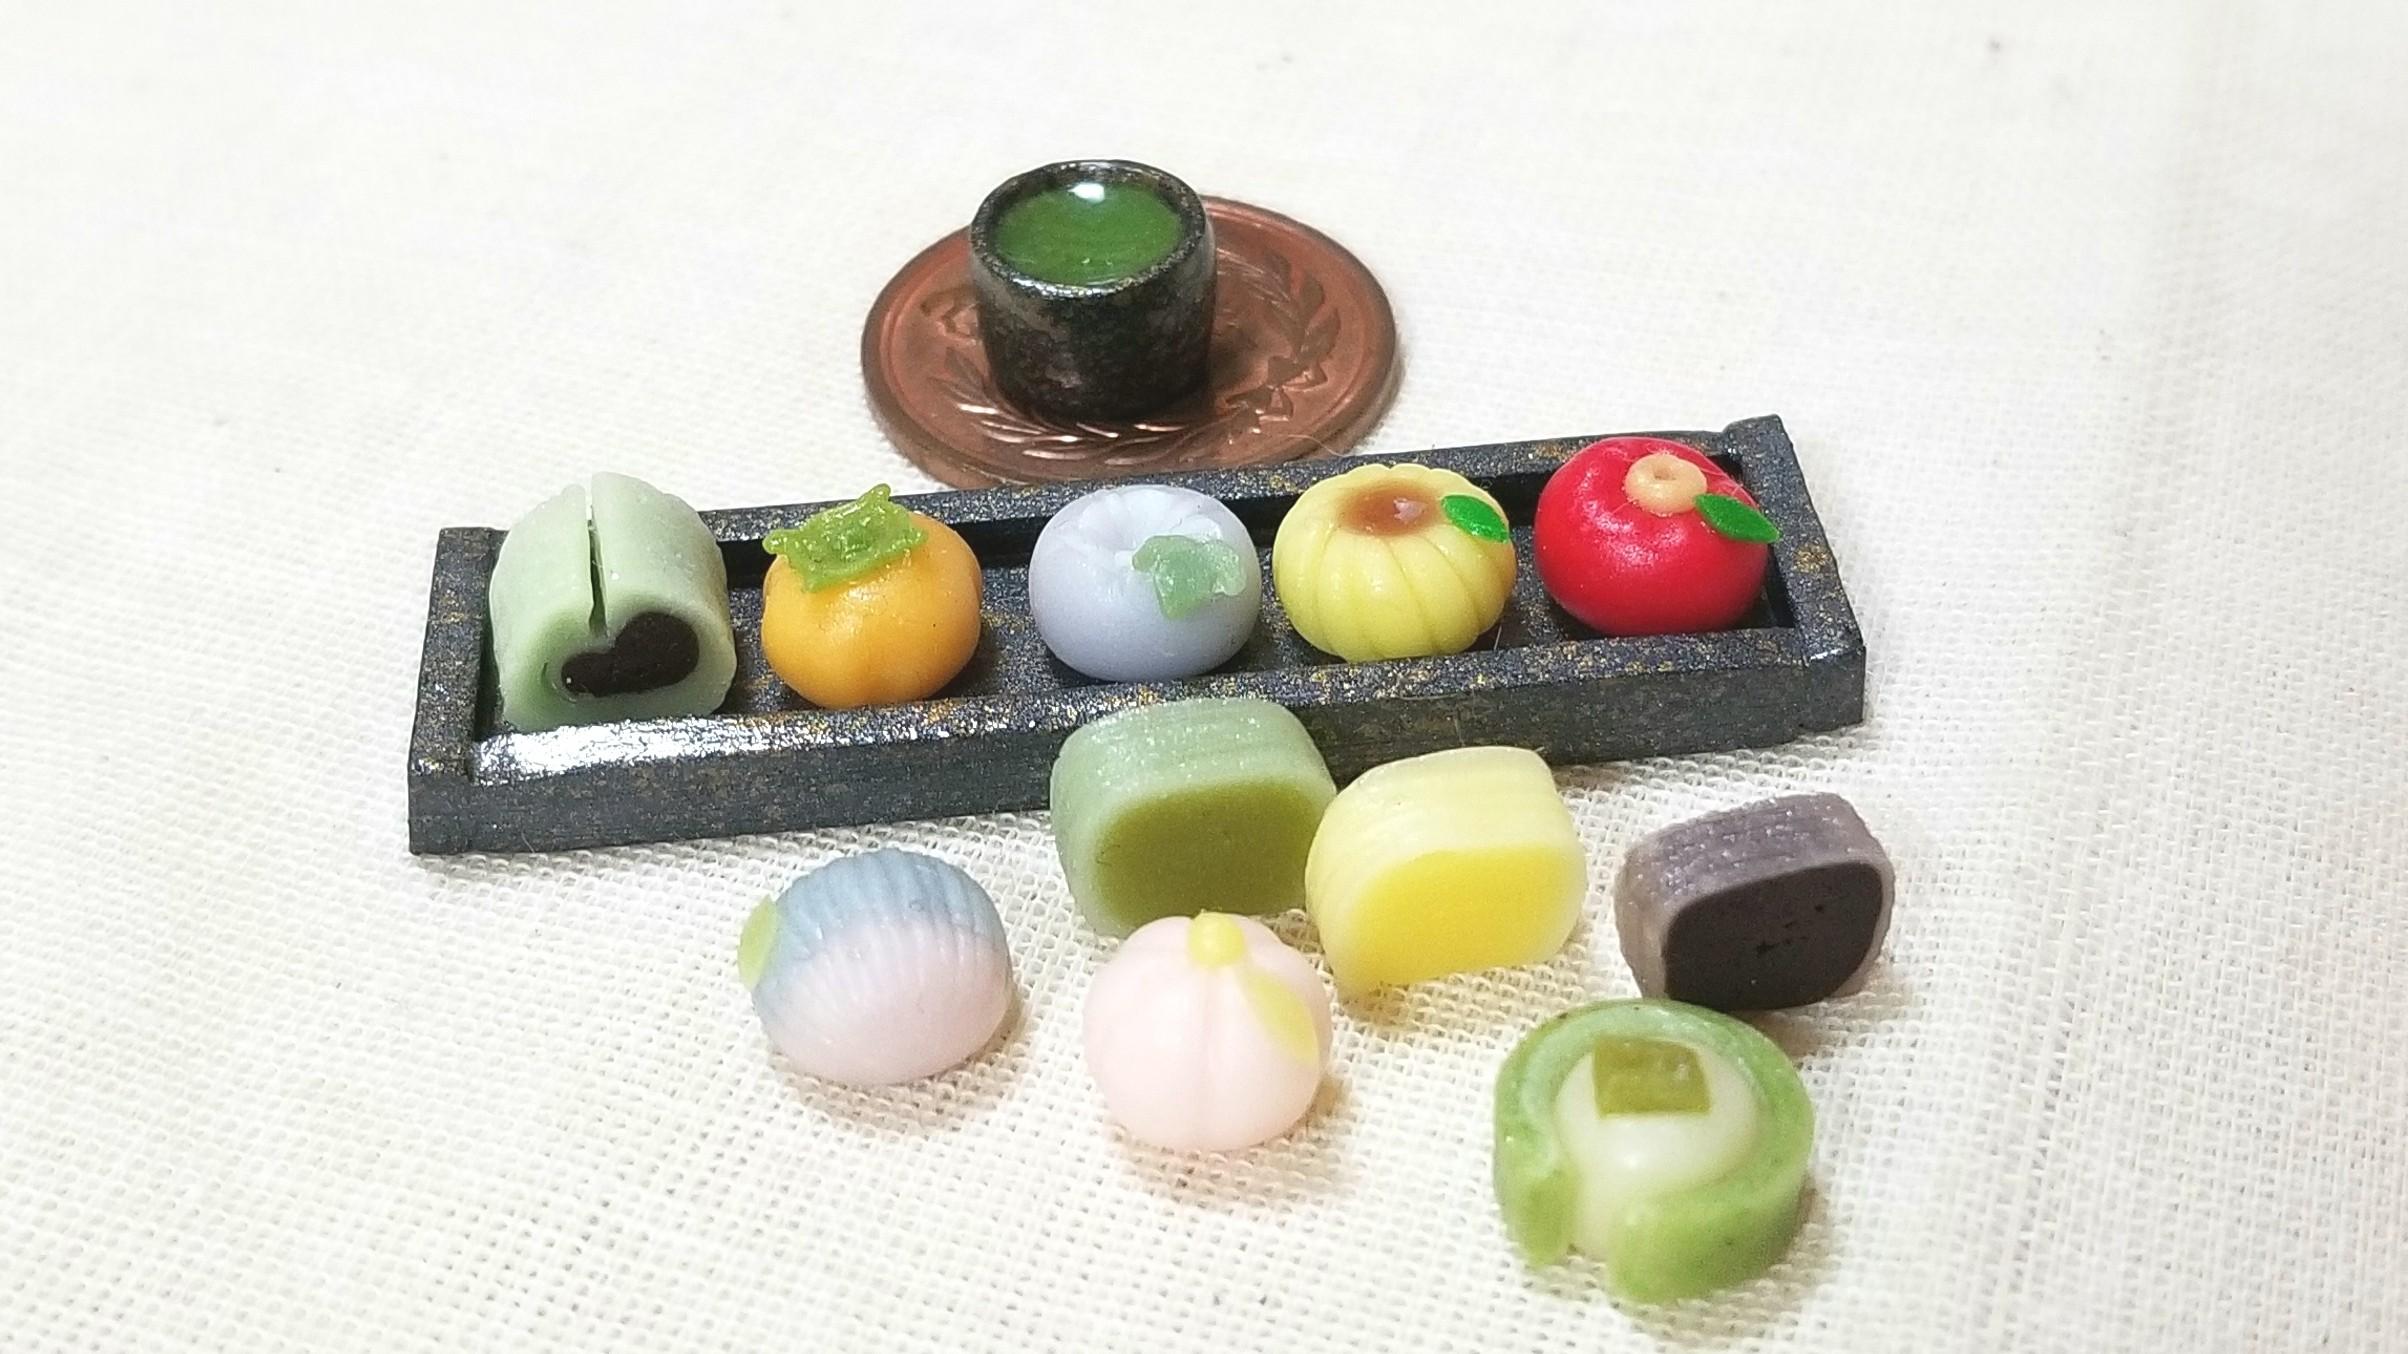 甘い物大好き,甘味処,和菓子屋,美味しい,可愛い,綺麗,季節,春夏秋冬